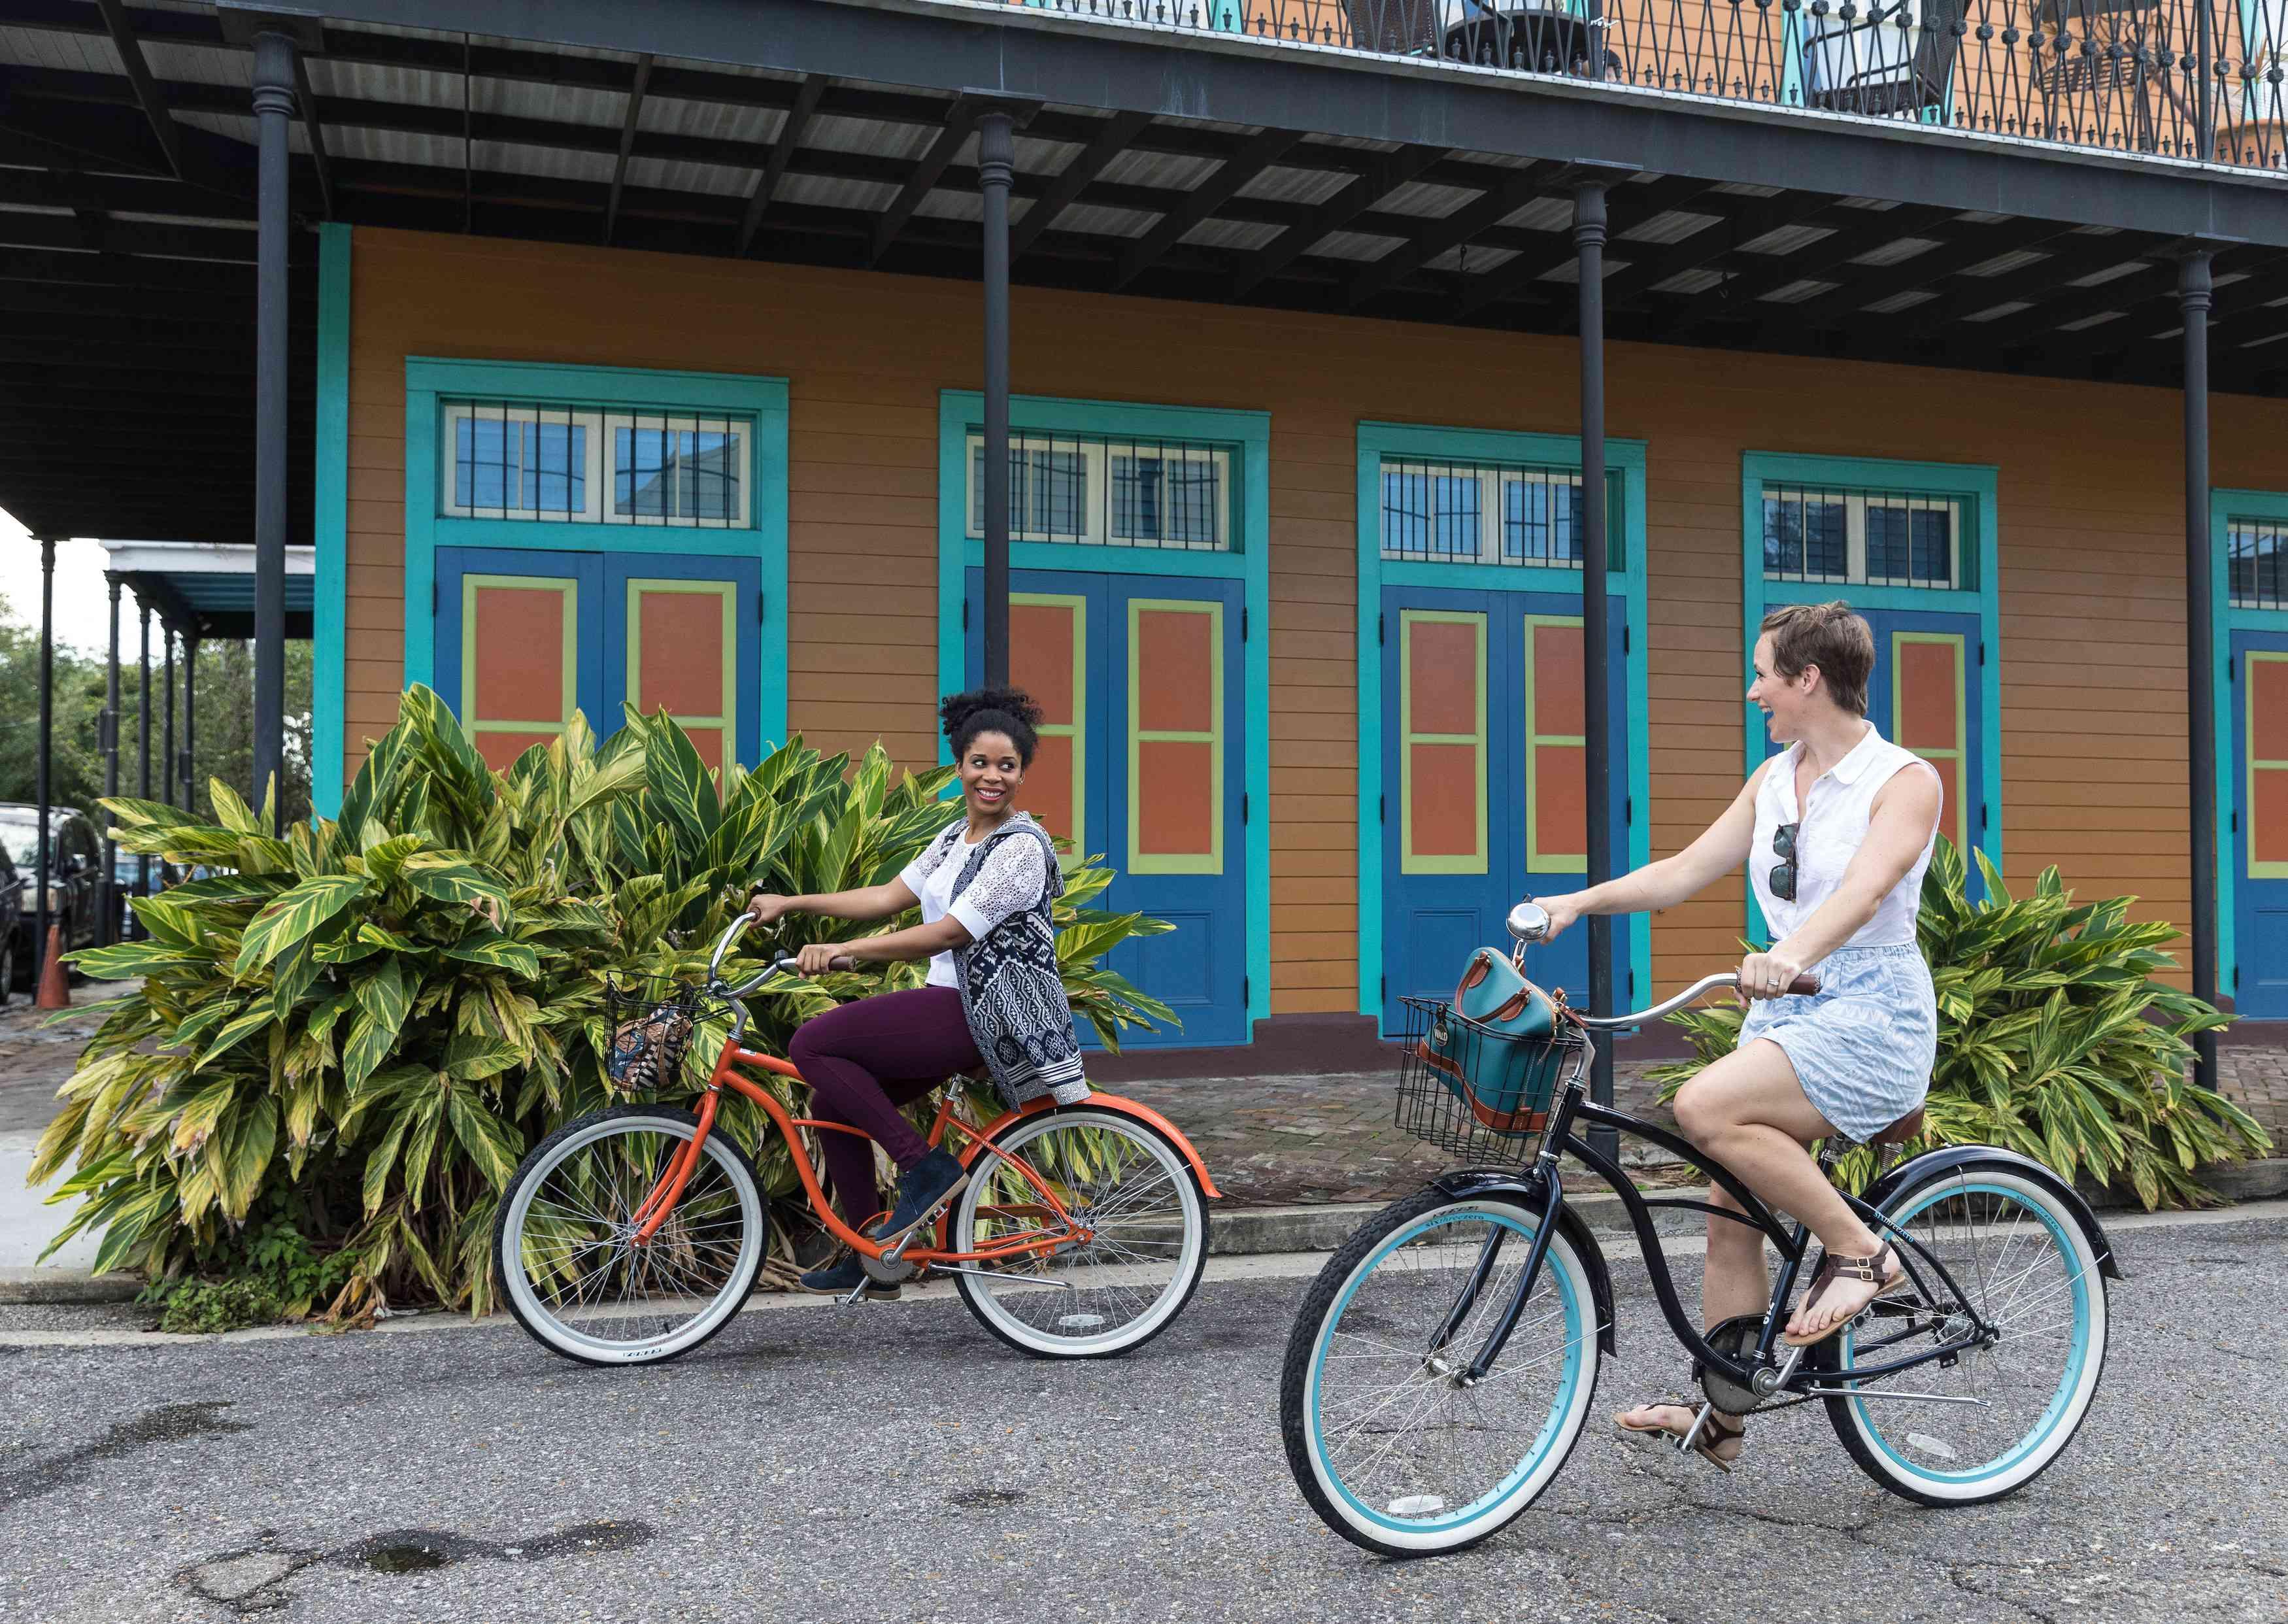 An LGBTQ couple biking through New Orleans